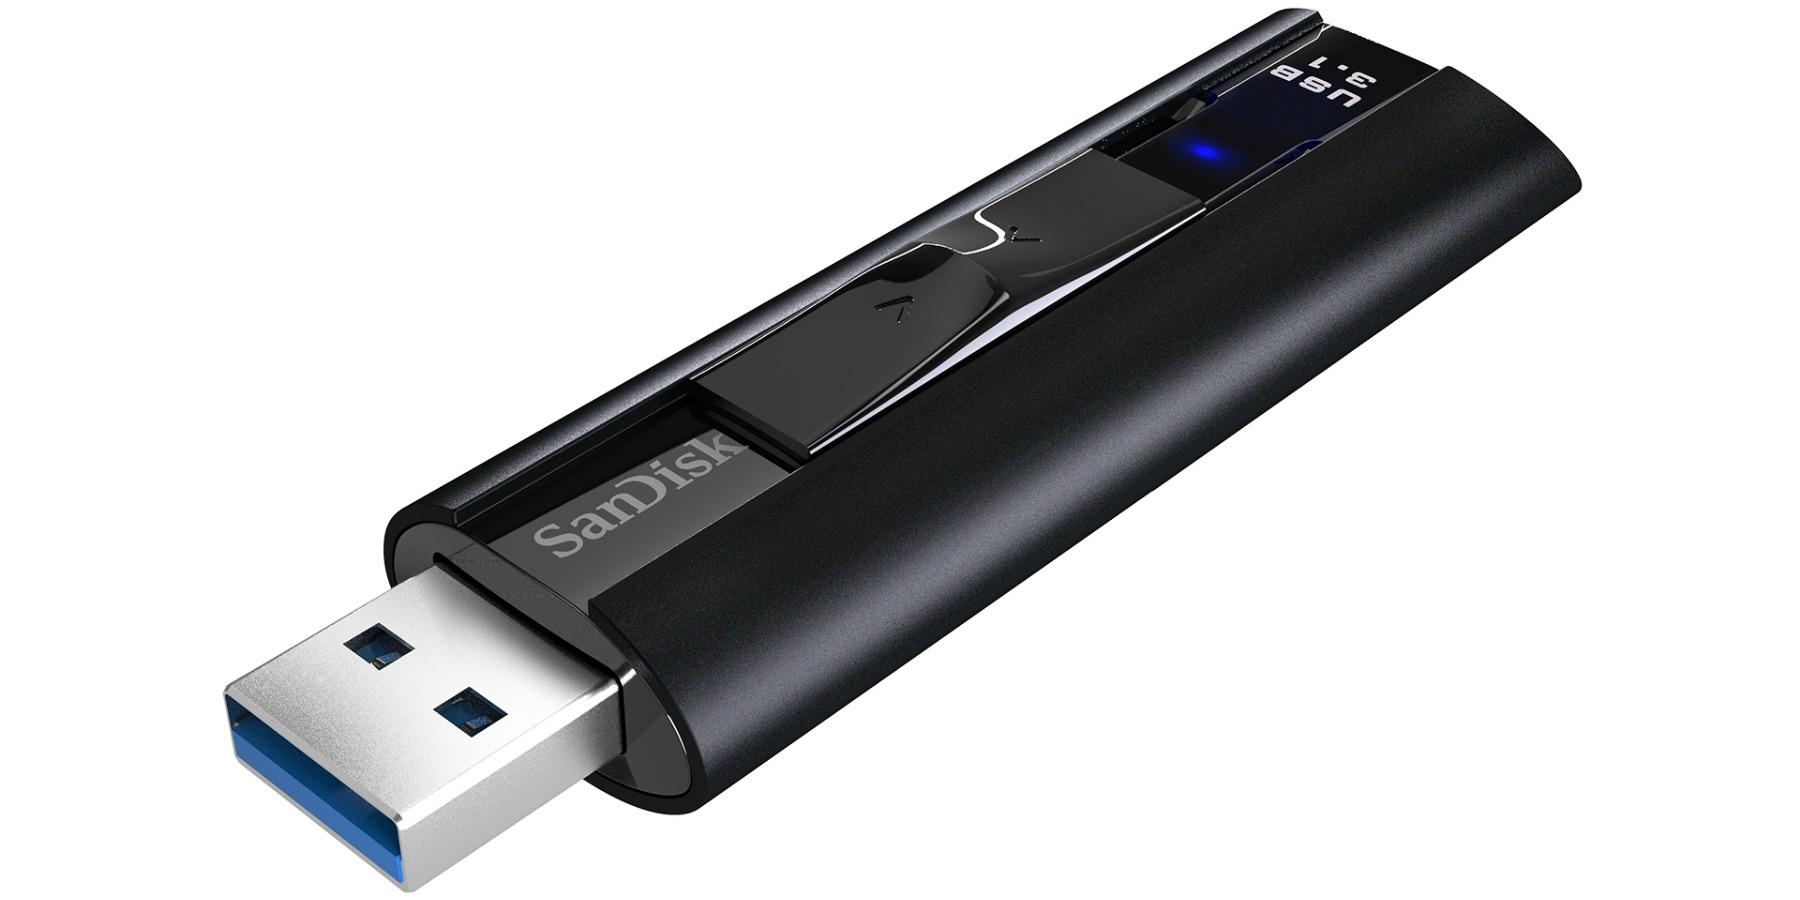 SanDisk lanza el Extreme Pro USB 3.1 un pendrive que ofrece el rendimiento de un SSD